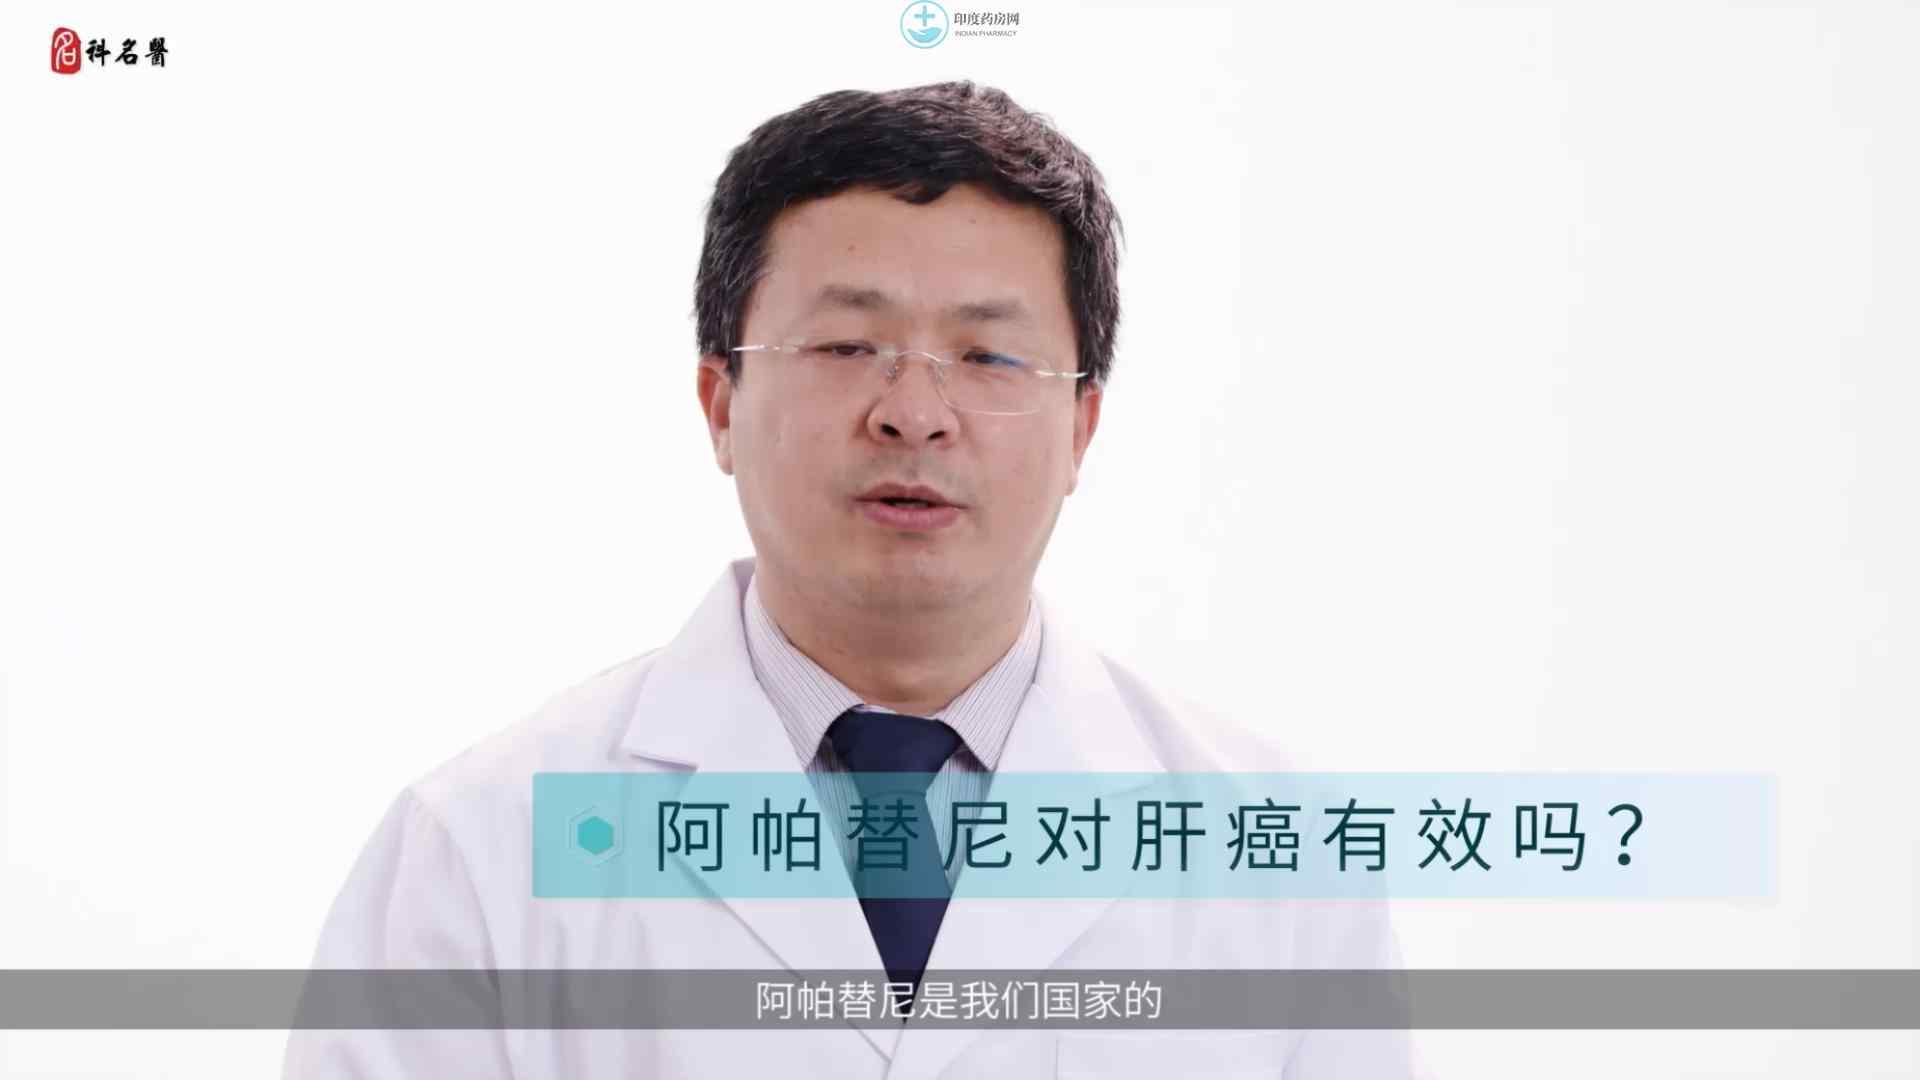 阿帕替尼对肝癌有效吗?